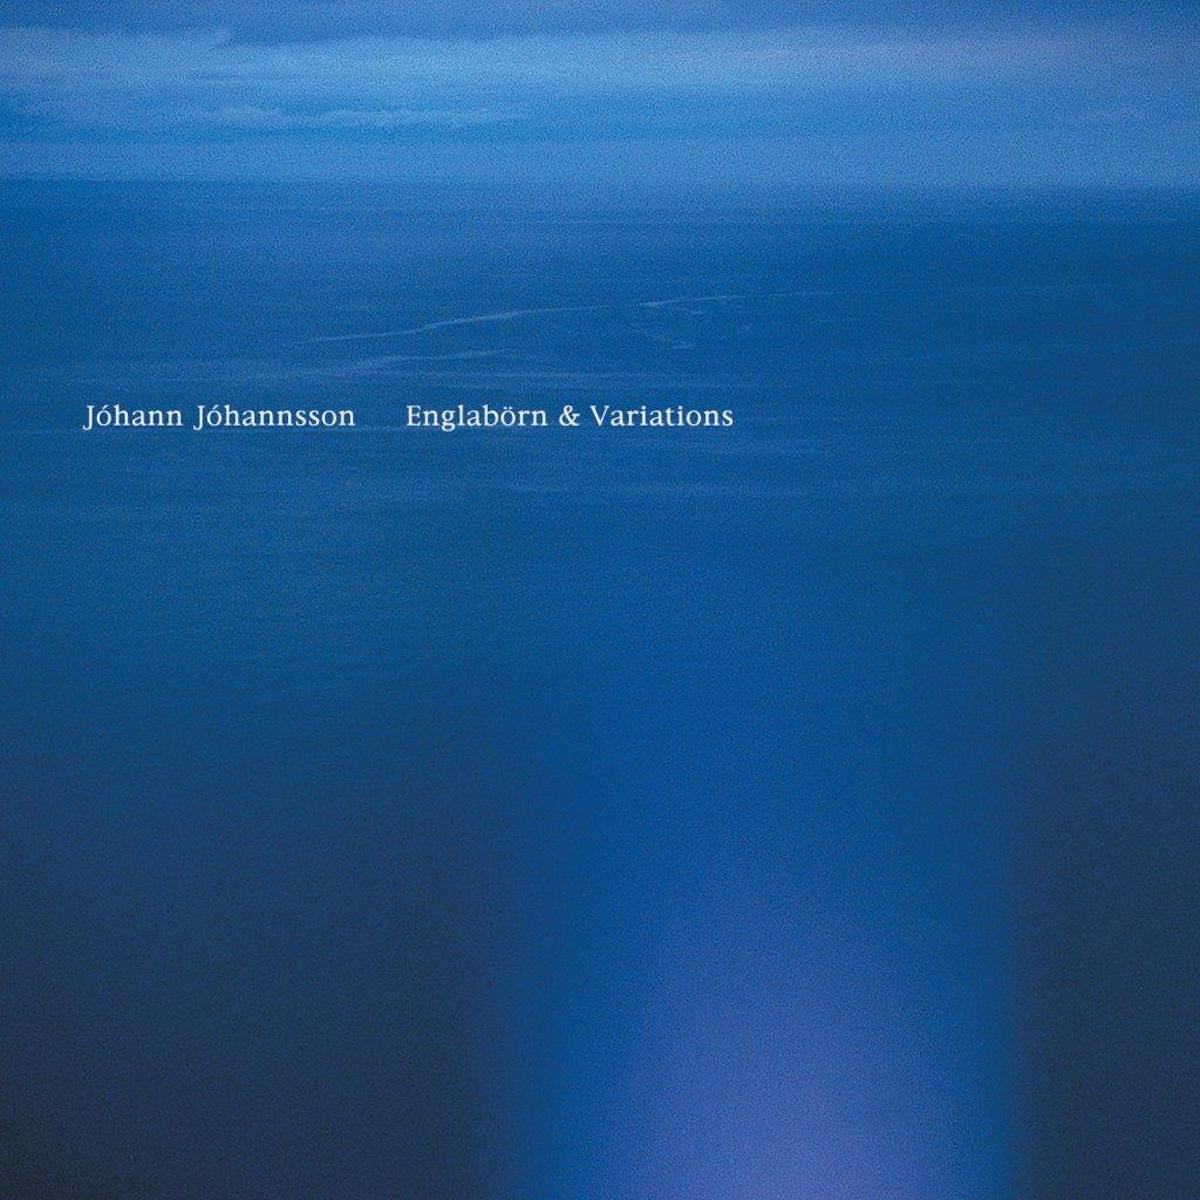 ヨハン・ヨハンソンの早すぎる死に坂本龍一が追悼コメント。『エングラボルン(天使たち)』リマスター&リワーク版リリースが決定 music180223_johannjohannsson_1-1200x1200